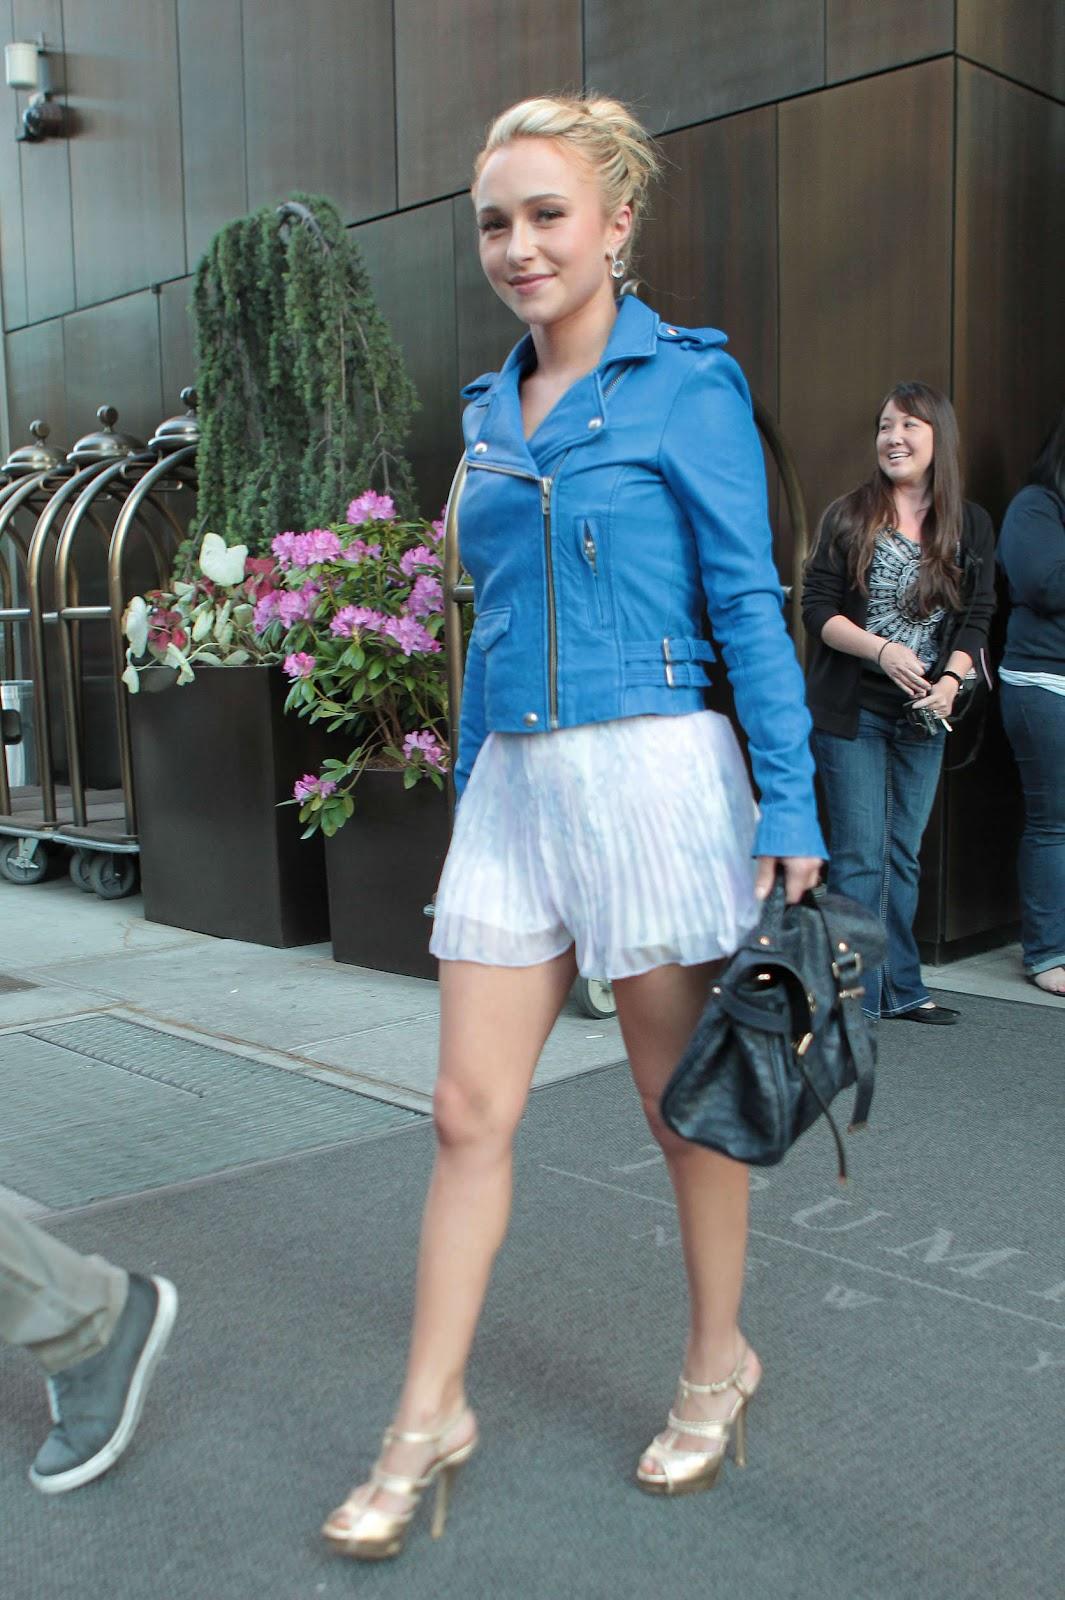 http://3.bp.blogspot.com/-70OOUrdACDU/T7jrZ3-mFEI/AAAAAAAAF1k/bQZldsFa-iI/s1600/Hayden+Panettiere-leaving-her-New-York-hotel-03.jpg